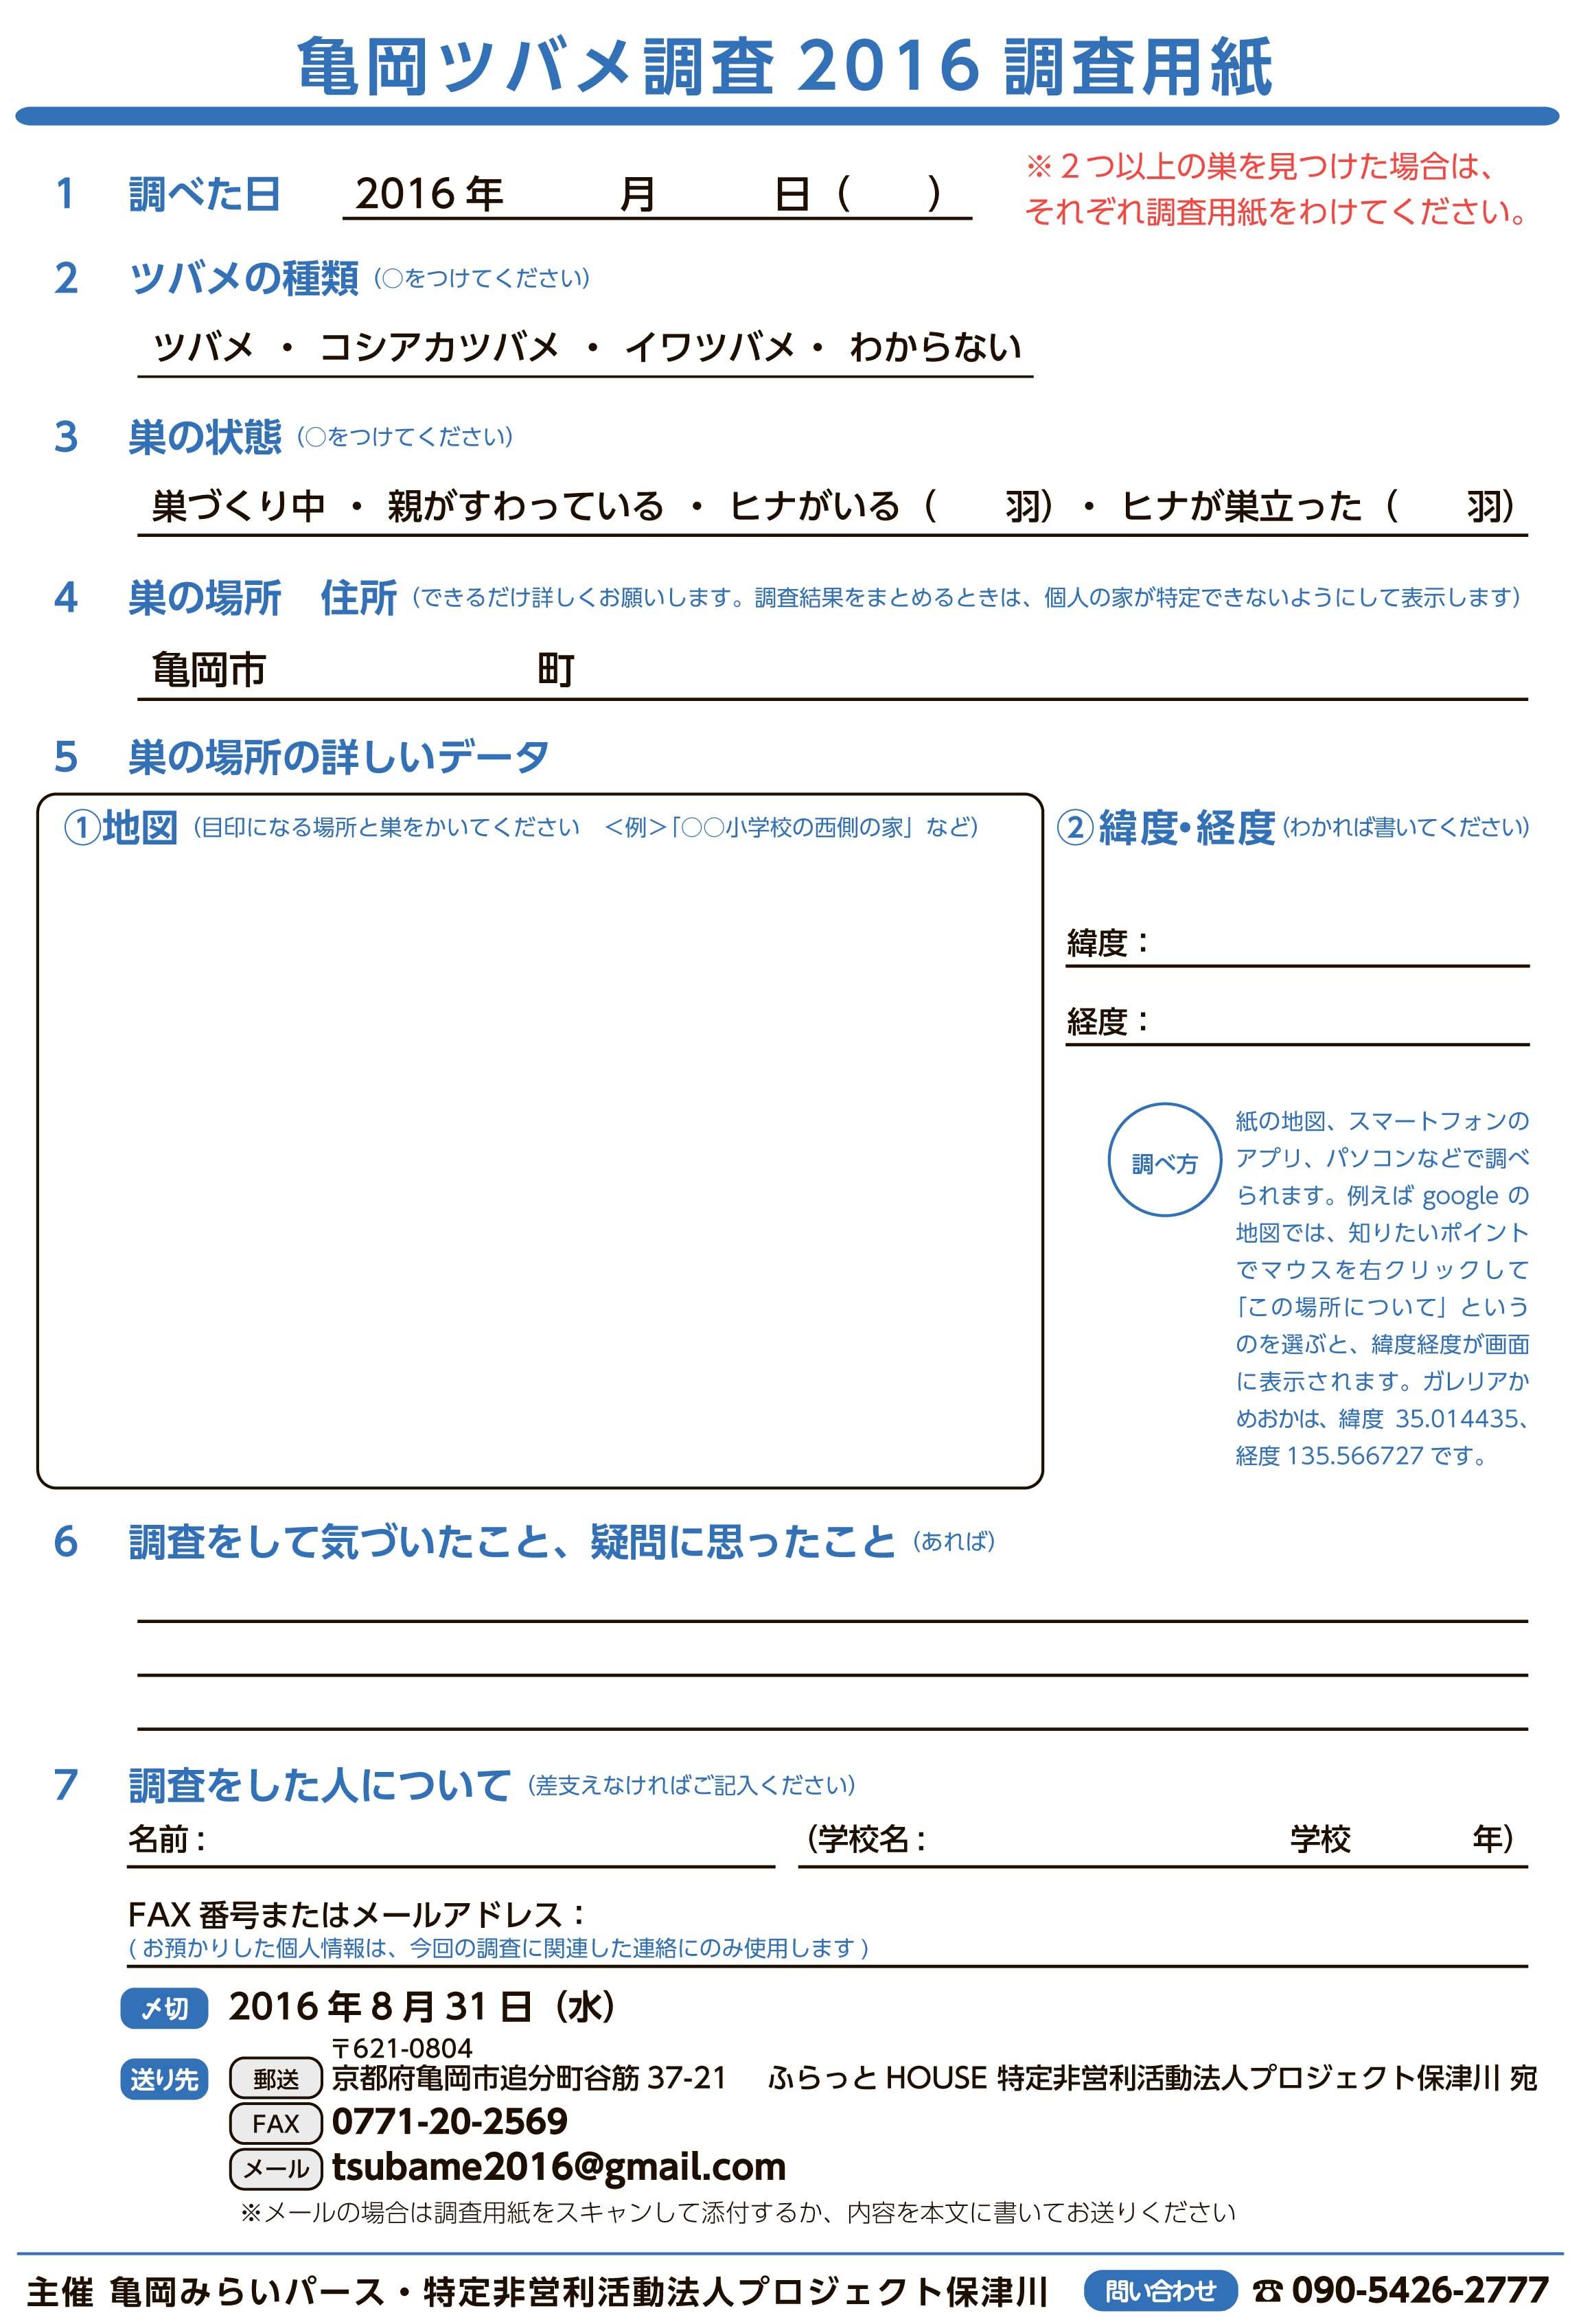 kameoka2016_chosahyo.jpg